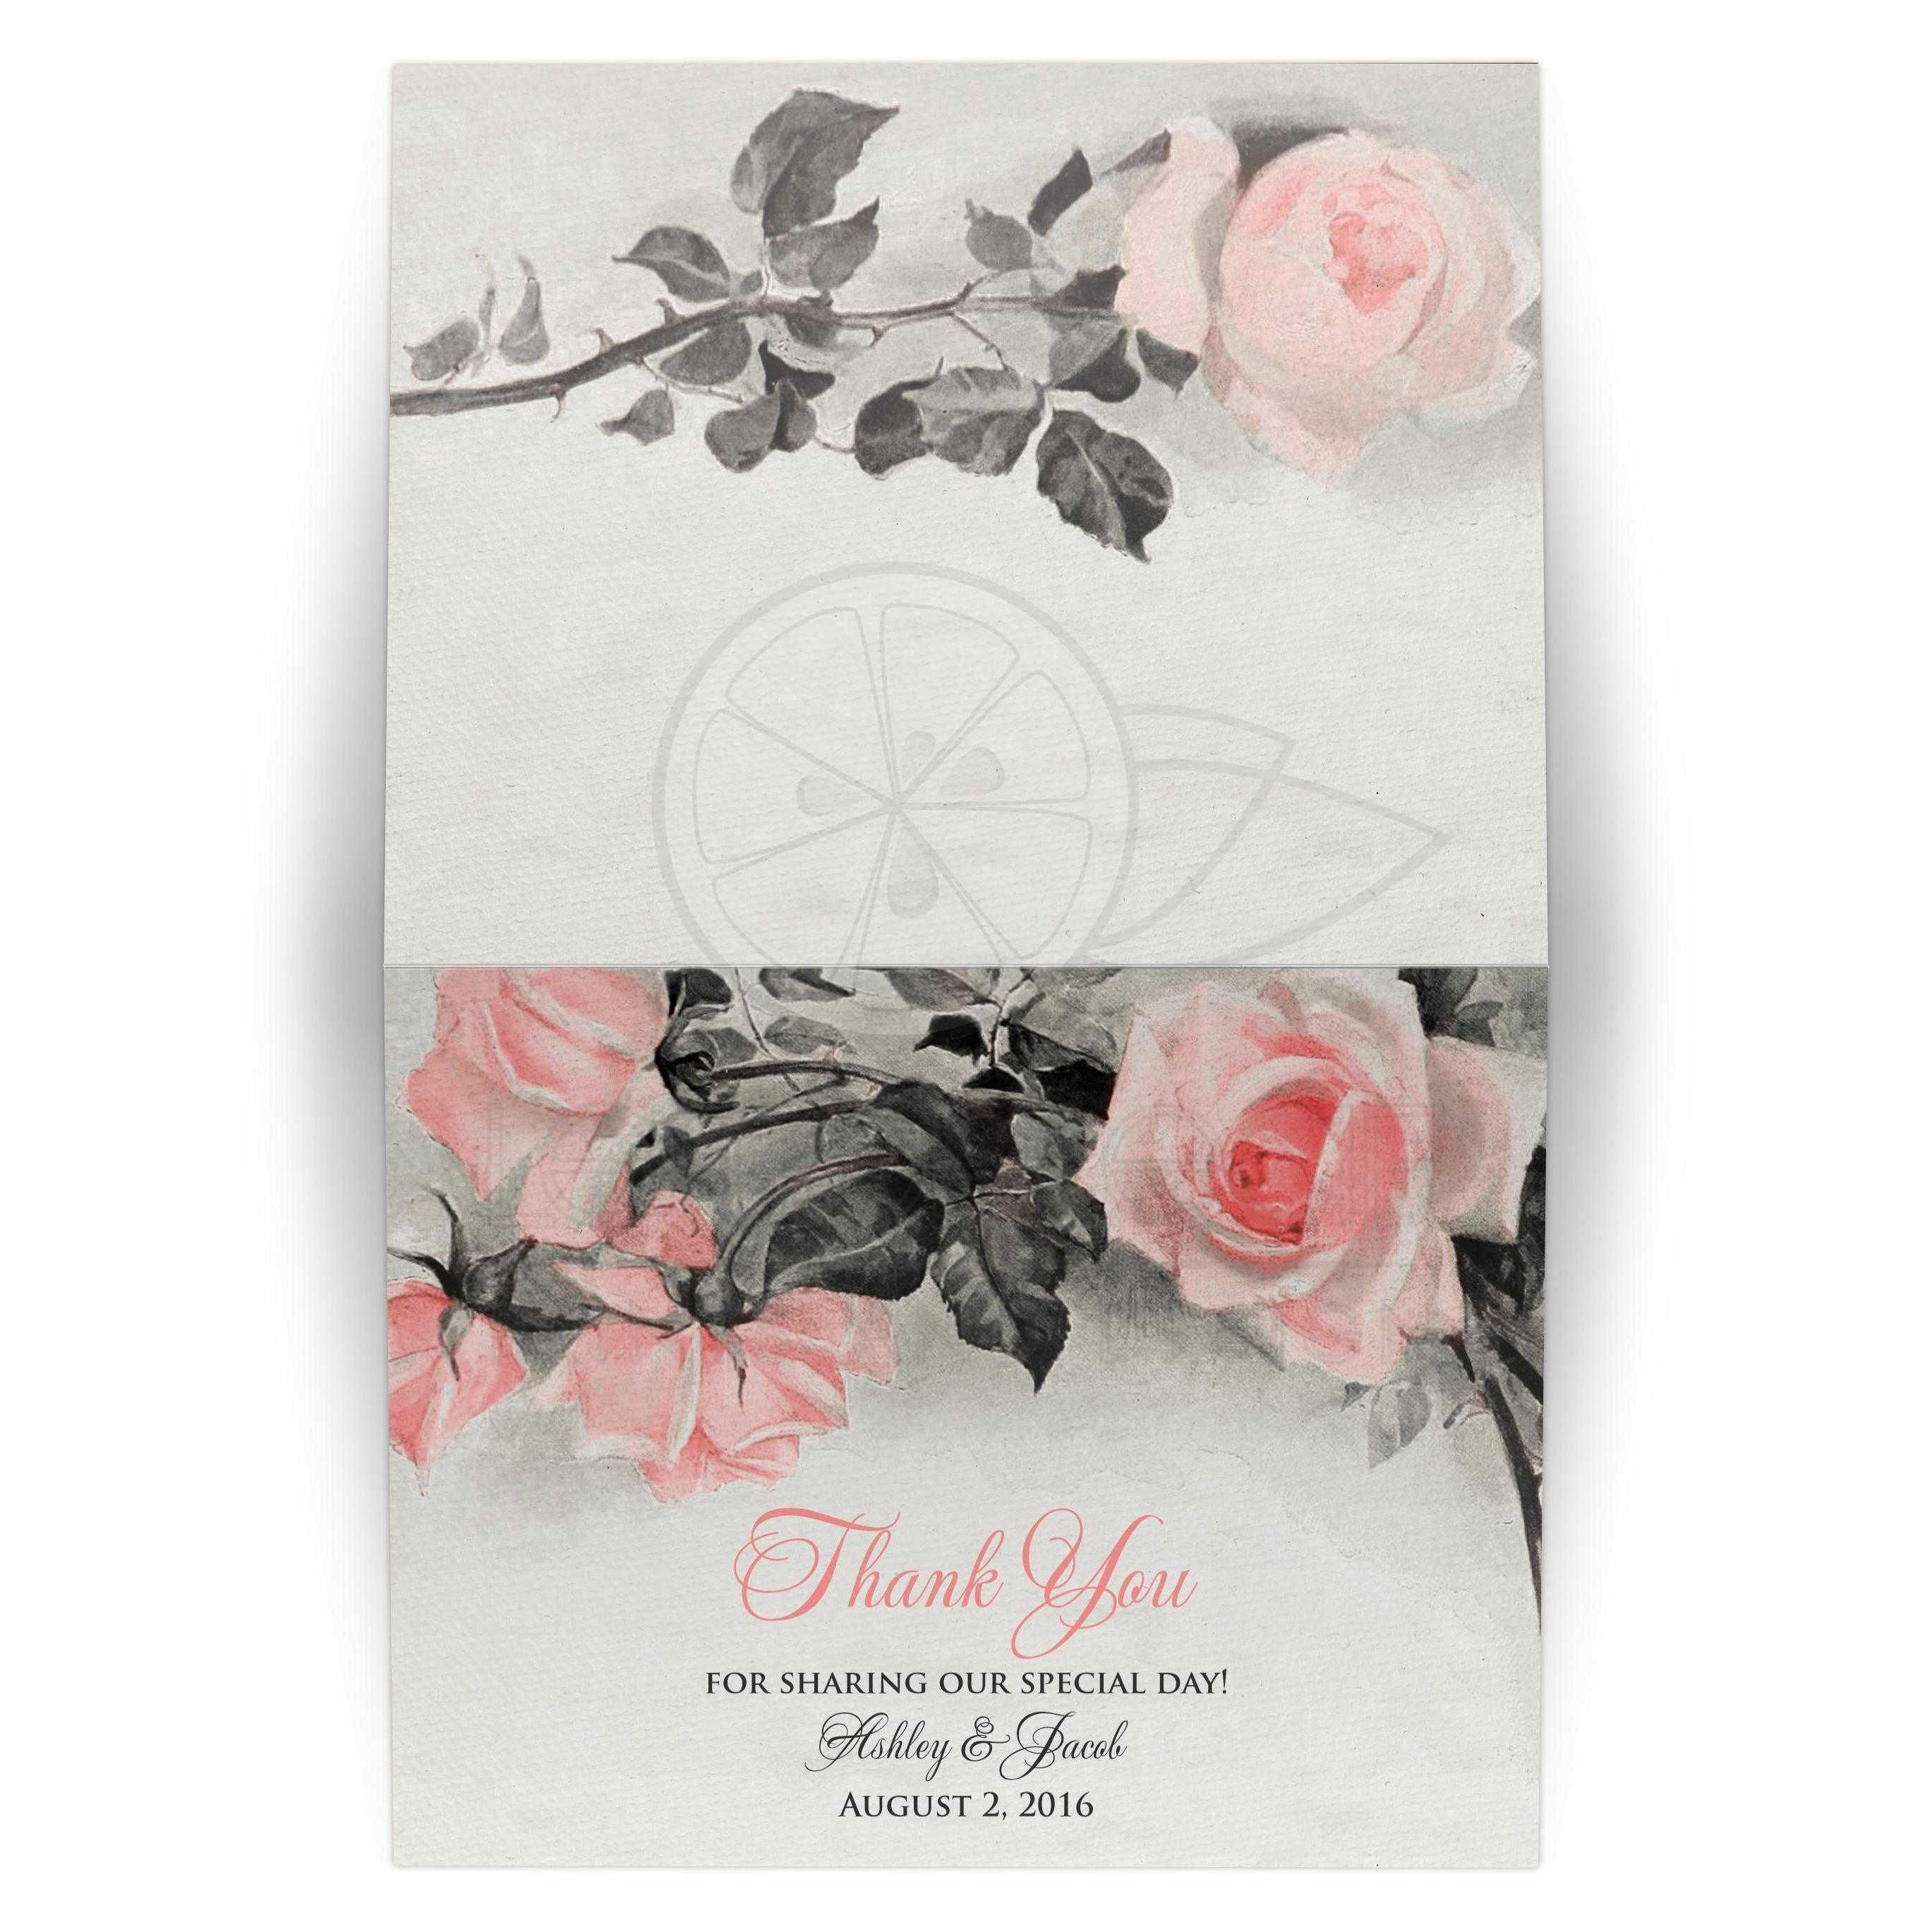 blush pink gray rose wedding thank you card vintage rose flower